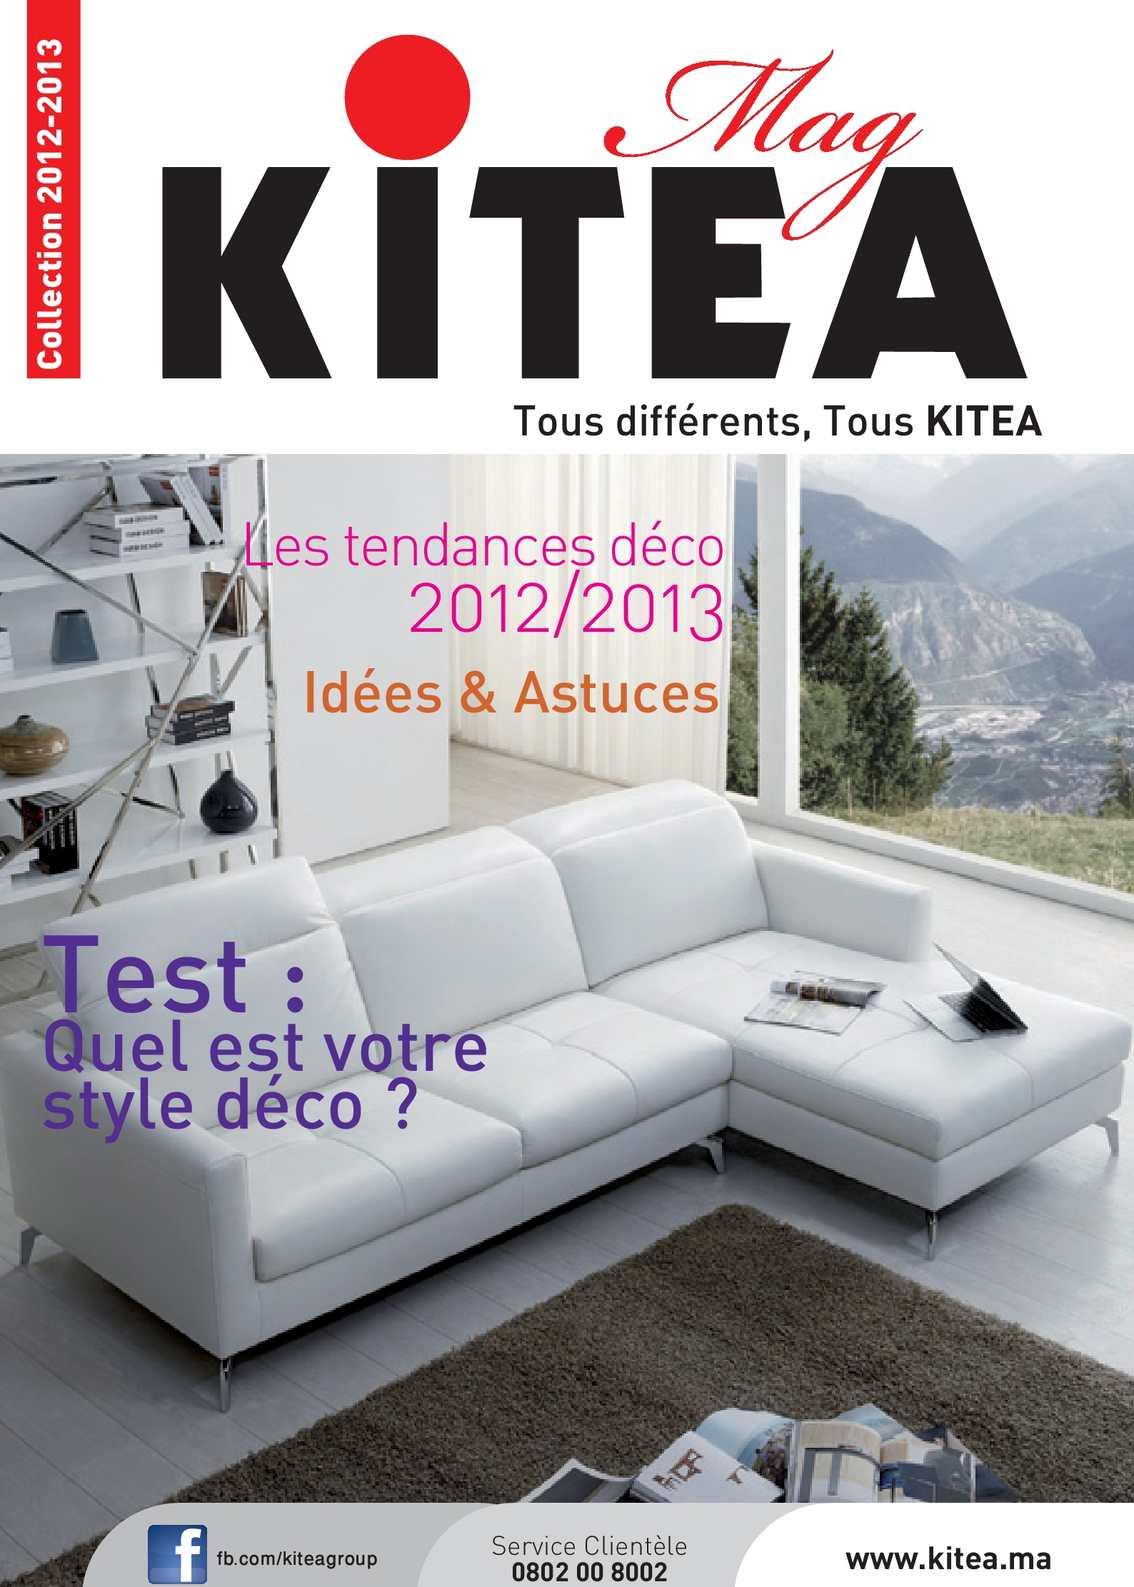 Calam o kitea mag collection 2012 2013 for Le mag deco canape